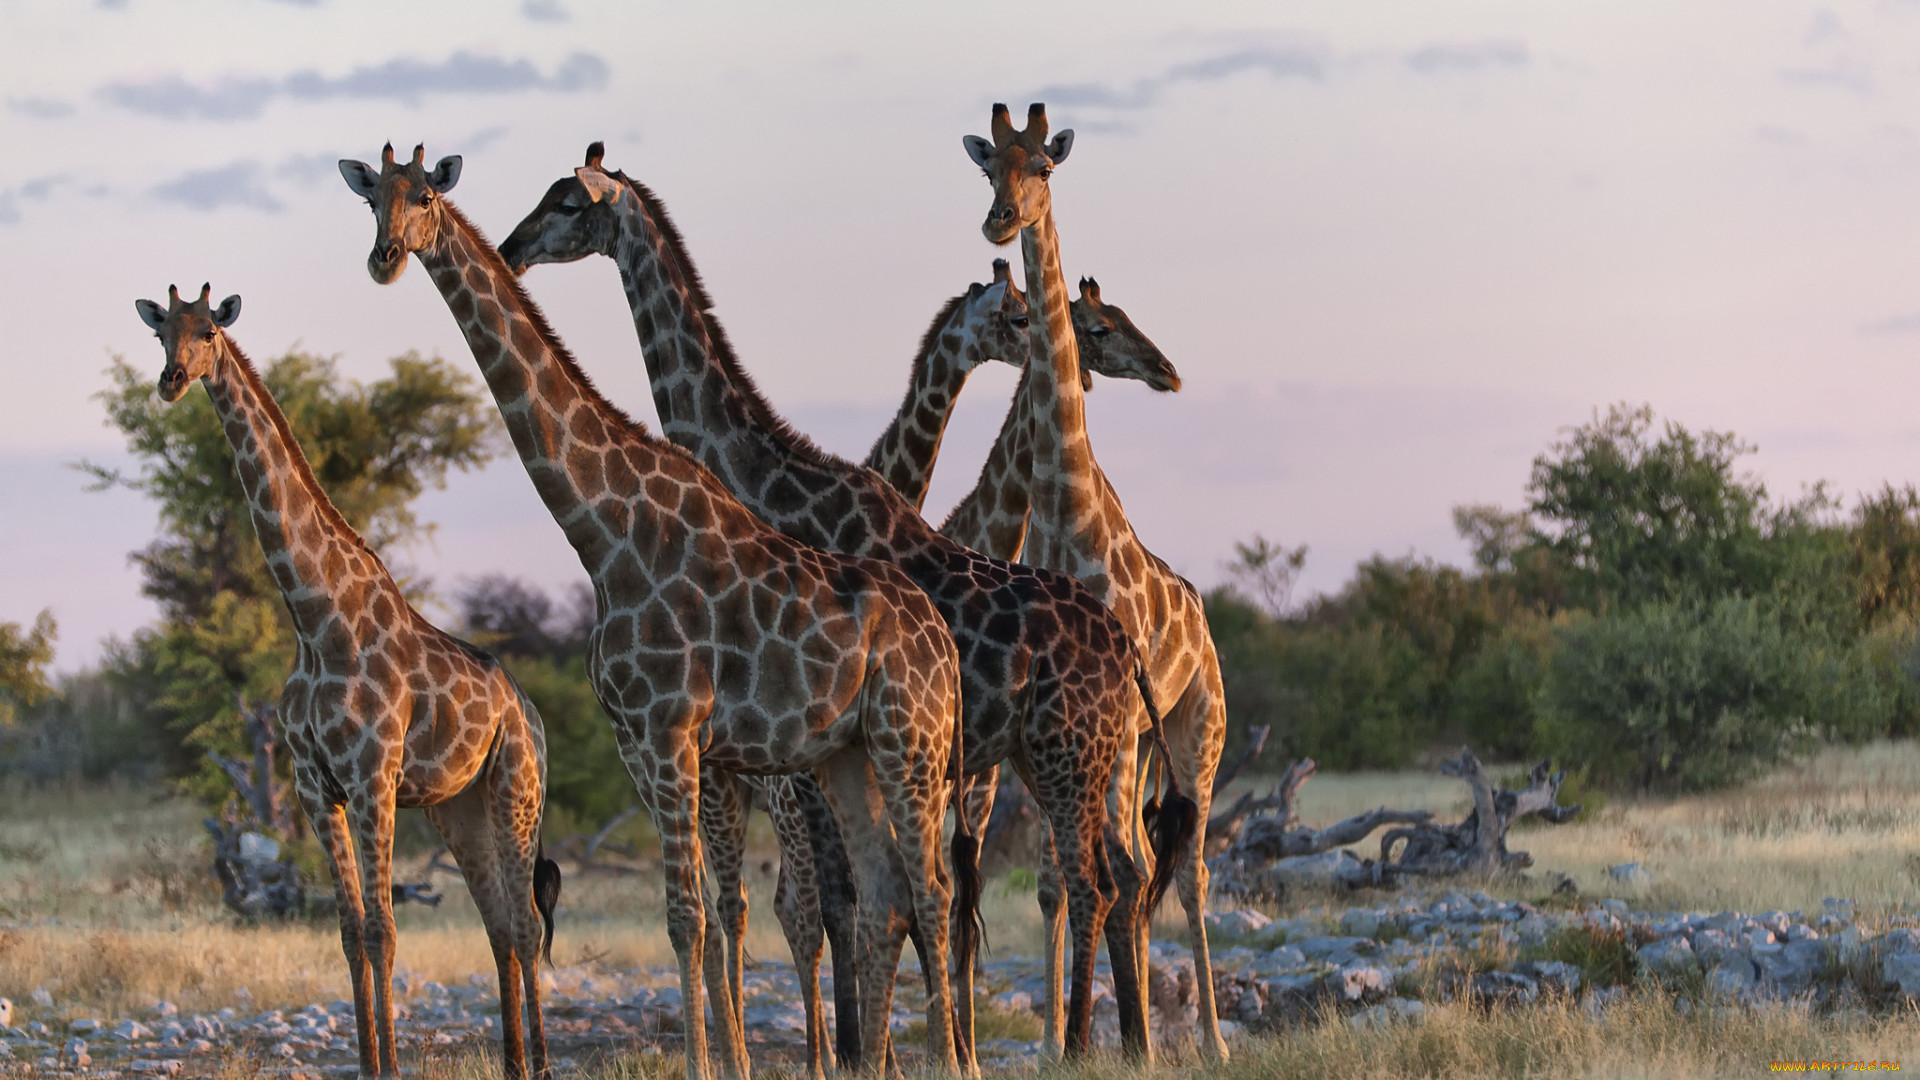 Жирафы трахаются